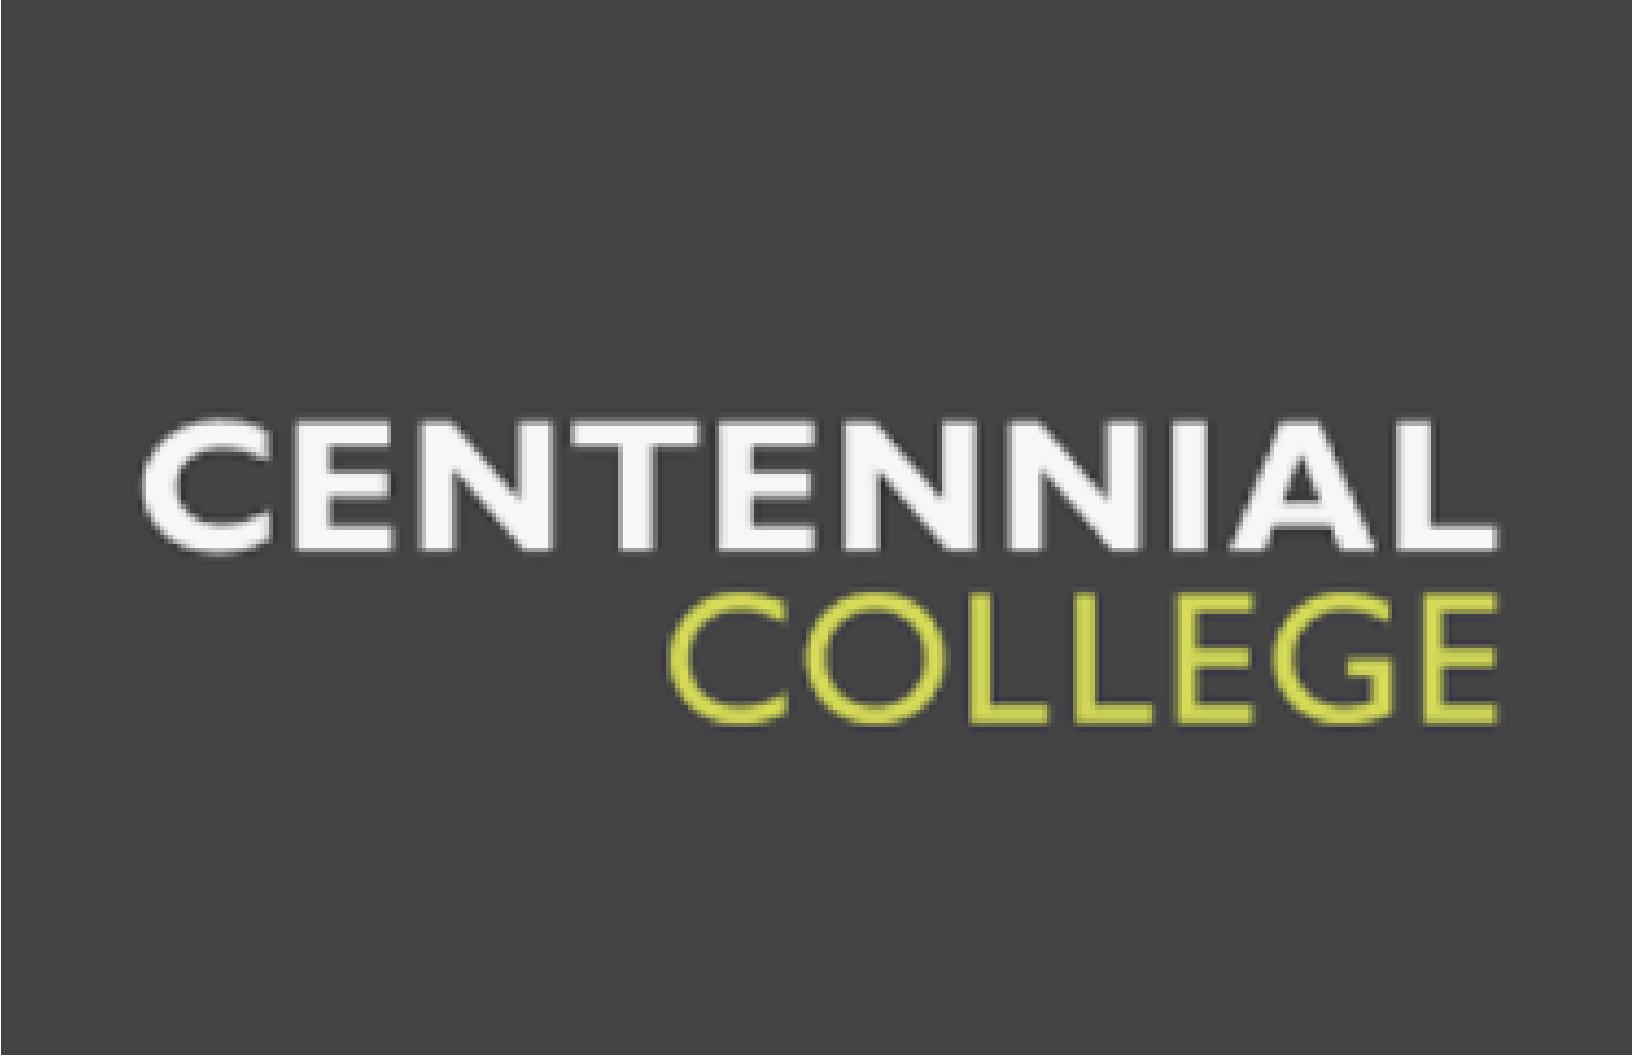 centennial_thumbnail-02